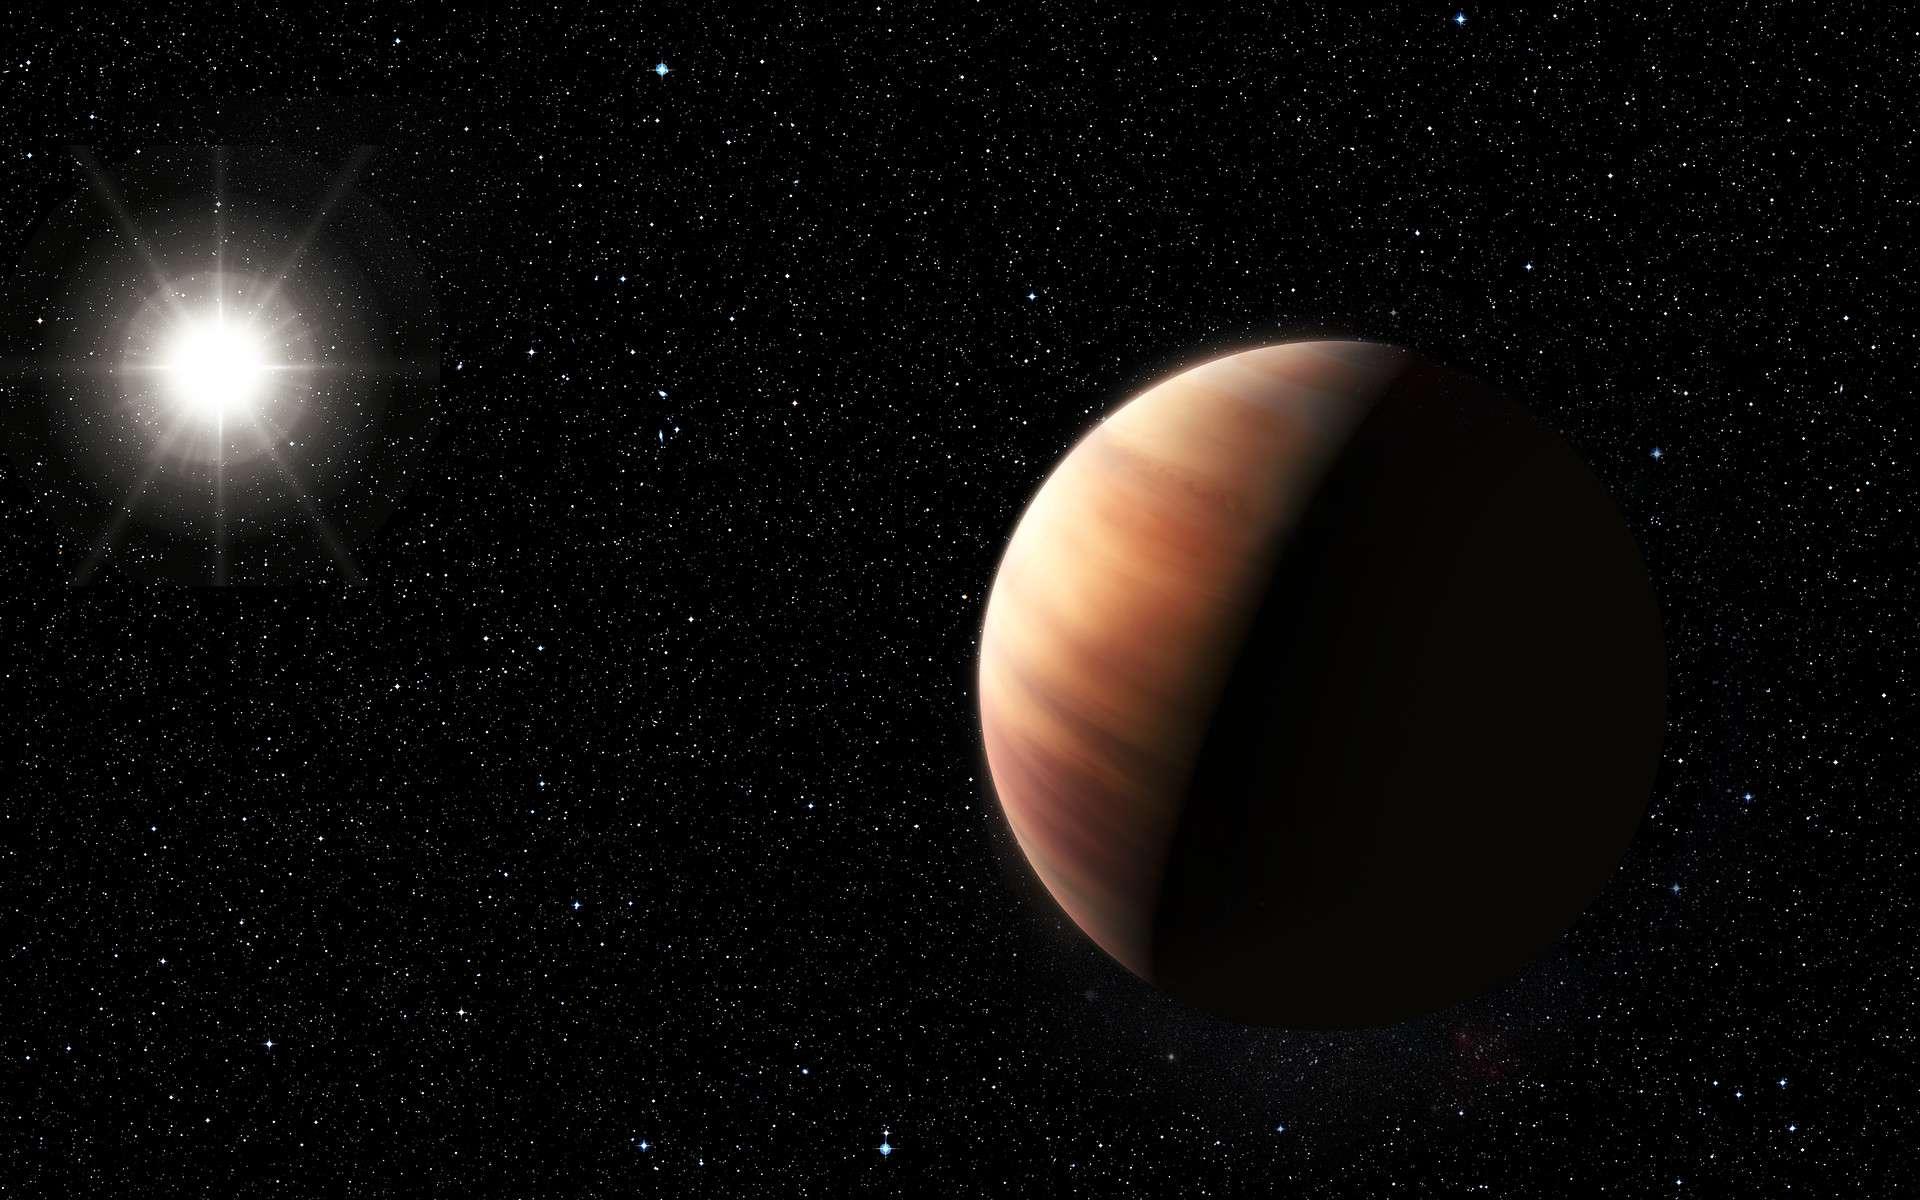 L'effet Doppler permet notamment de détecter des exoplanètes. Grâce à la méthode des vitesses radiales, également appelée spectroscopie Doppler, le télescope Harps, au Chili, a par exemple pu détecter HIP 11915, une planète semblable à Jupiter, ici illustrée. © ESO